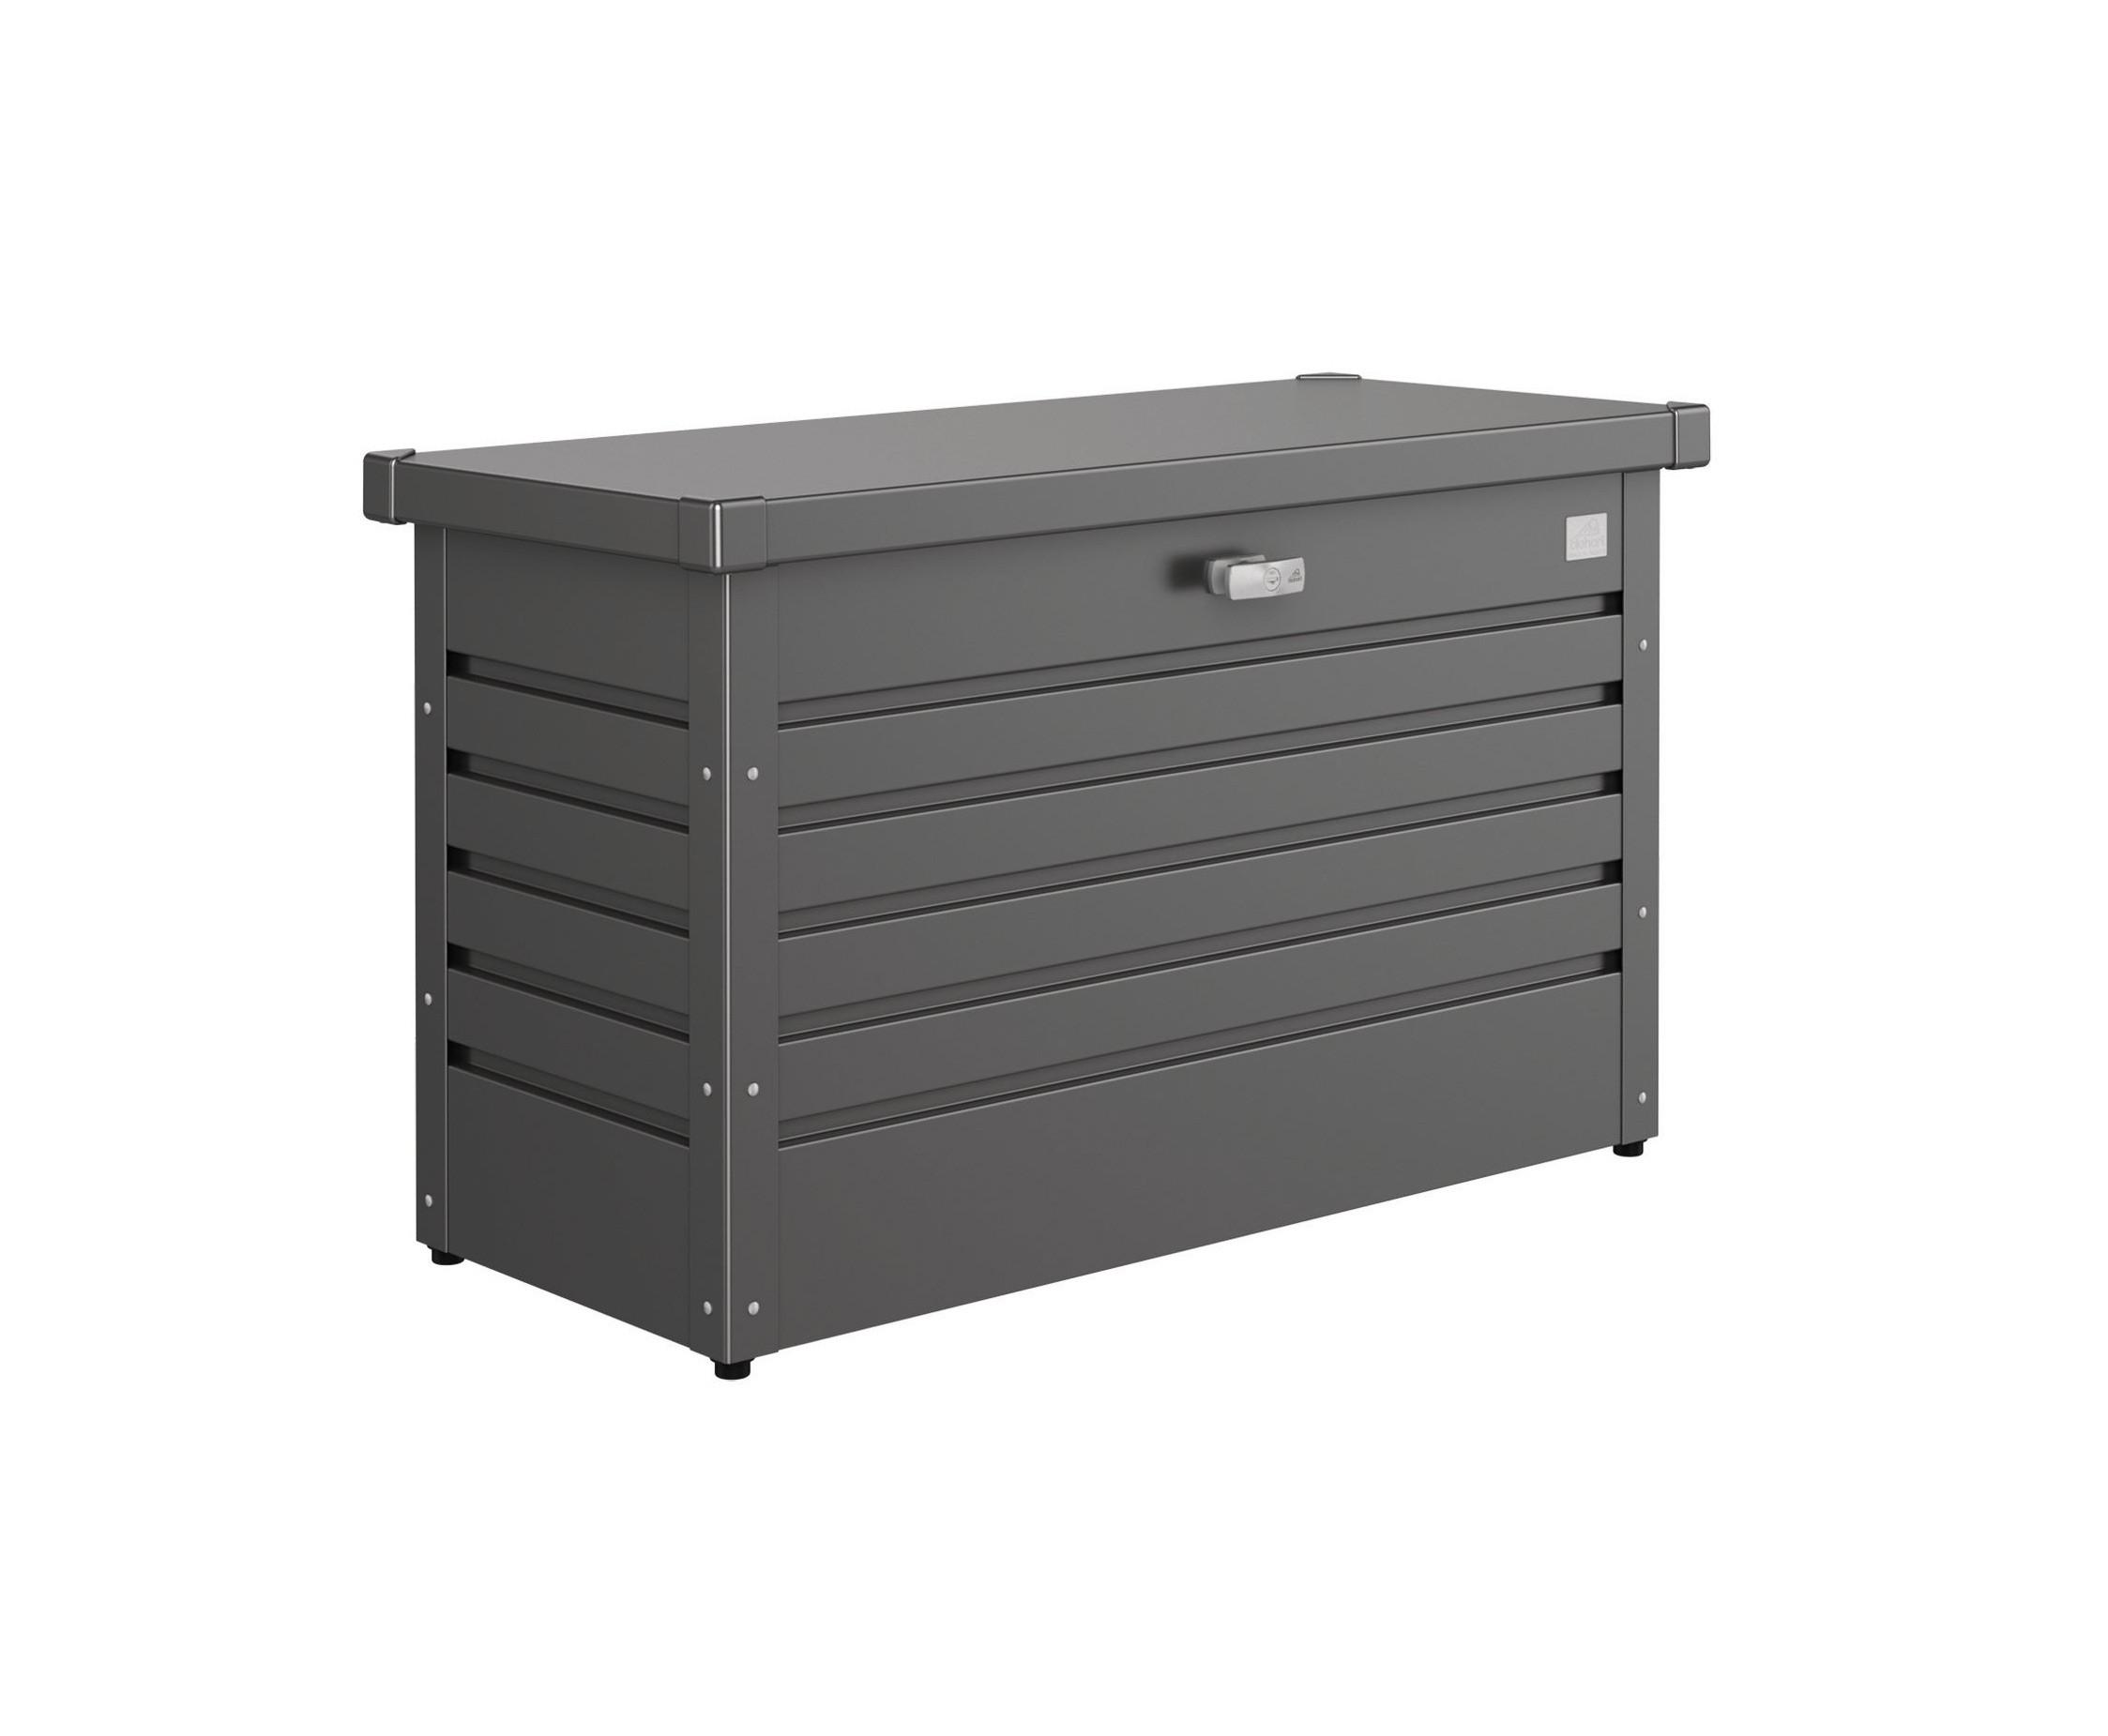 Gartenbox Auflagenbox Biohort Freizeitbox 100 dunkelgrau-metallic Bild 1